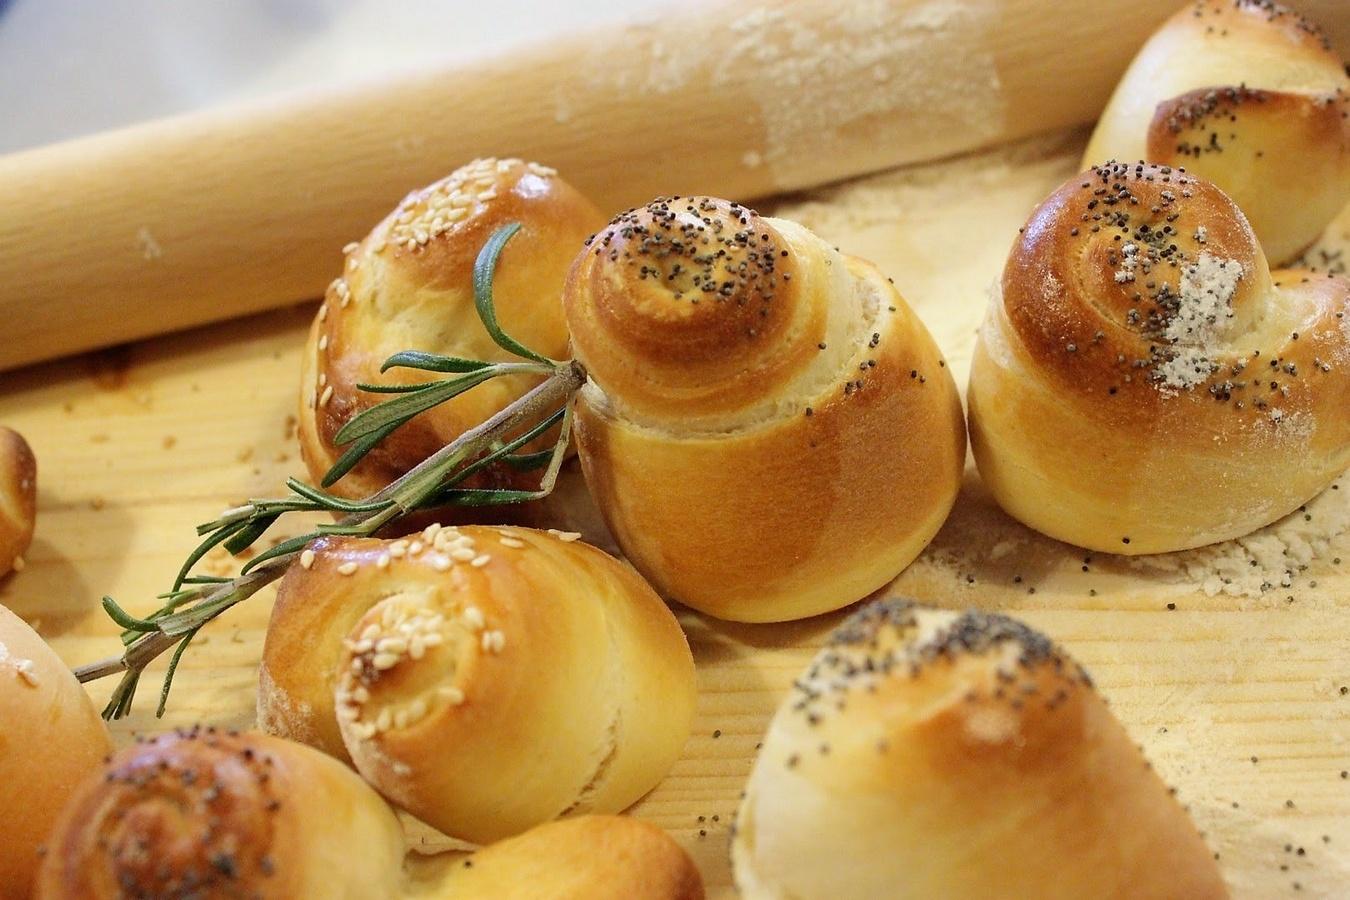 scuola di cucina la palestra del cibo corso di panificazione torino pane fatto in casa fare il pane in casa occasioni speciali